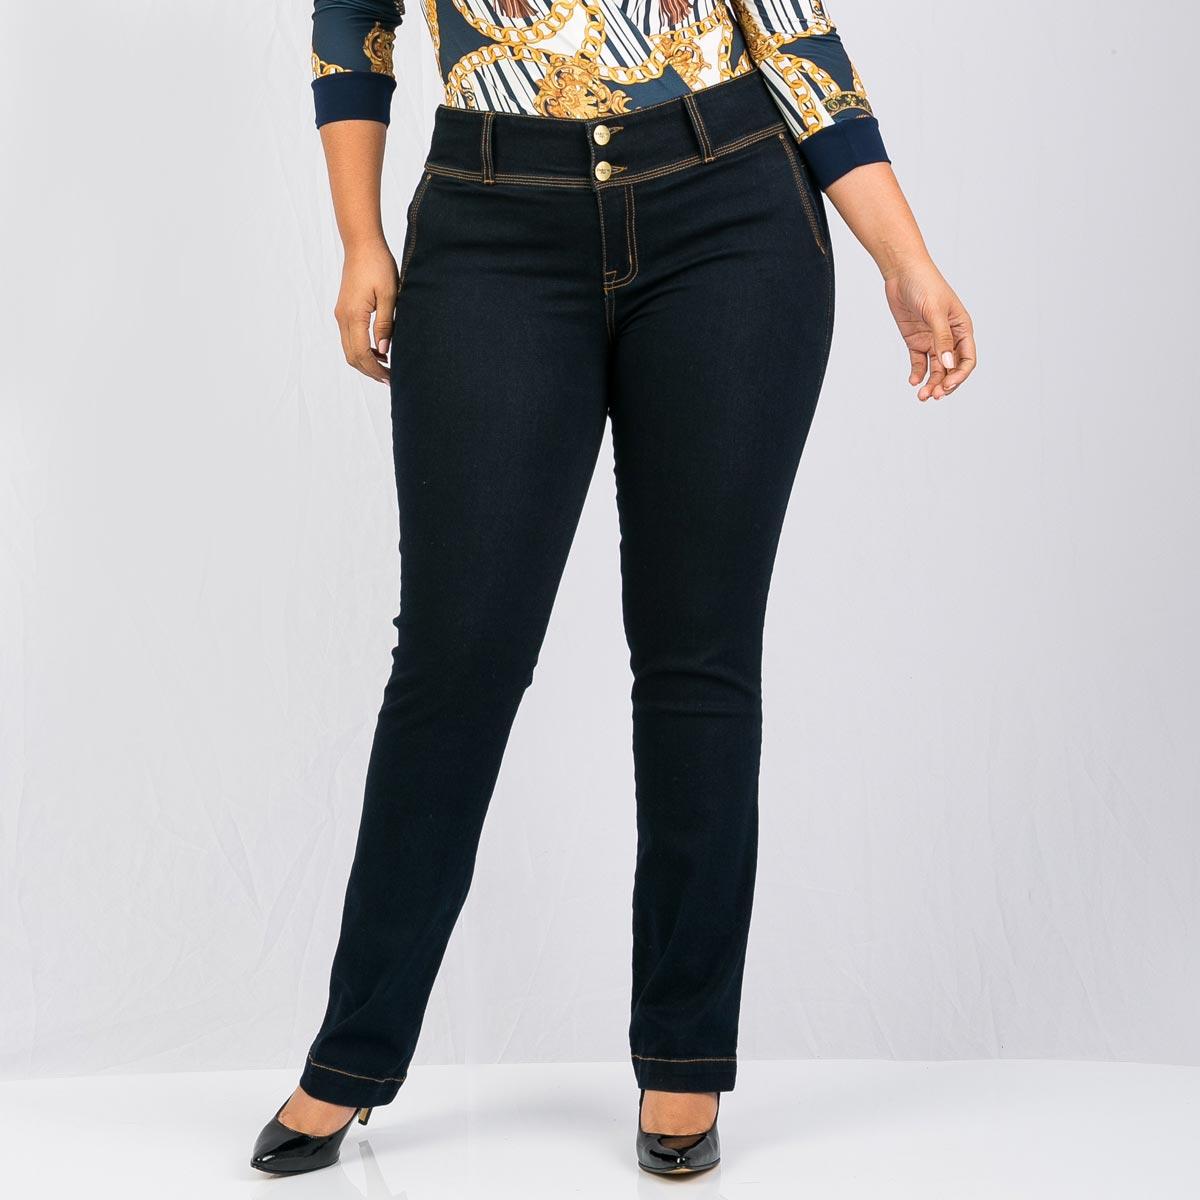 fe549f43bf Jean bota recta para mujer tallas grandes